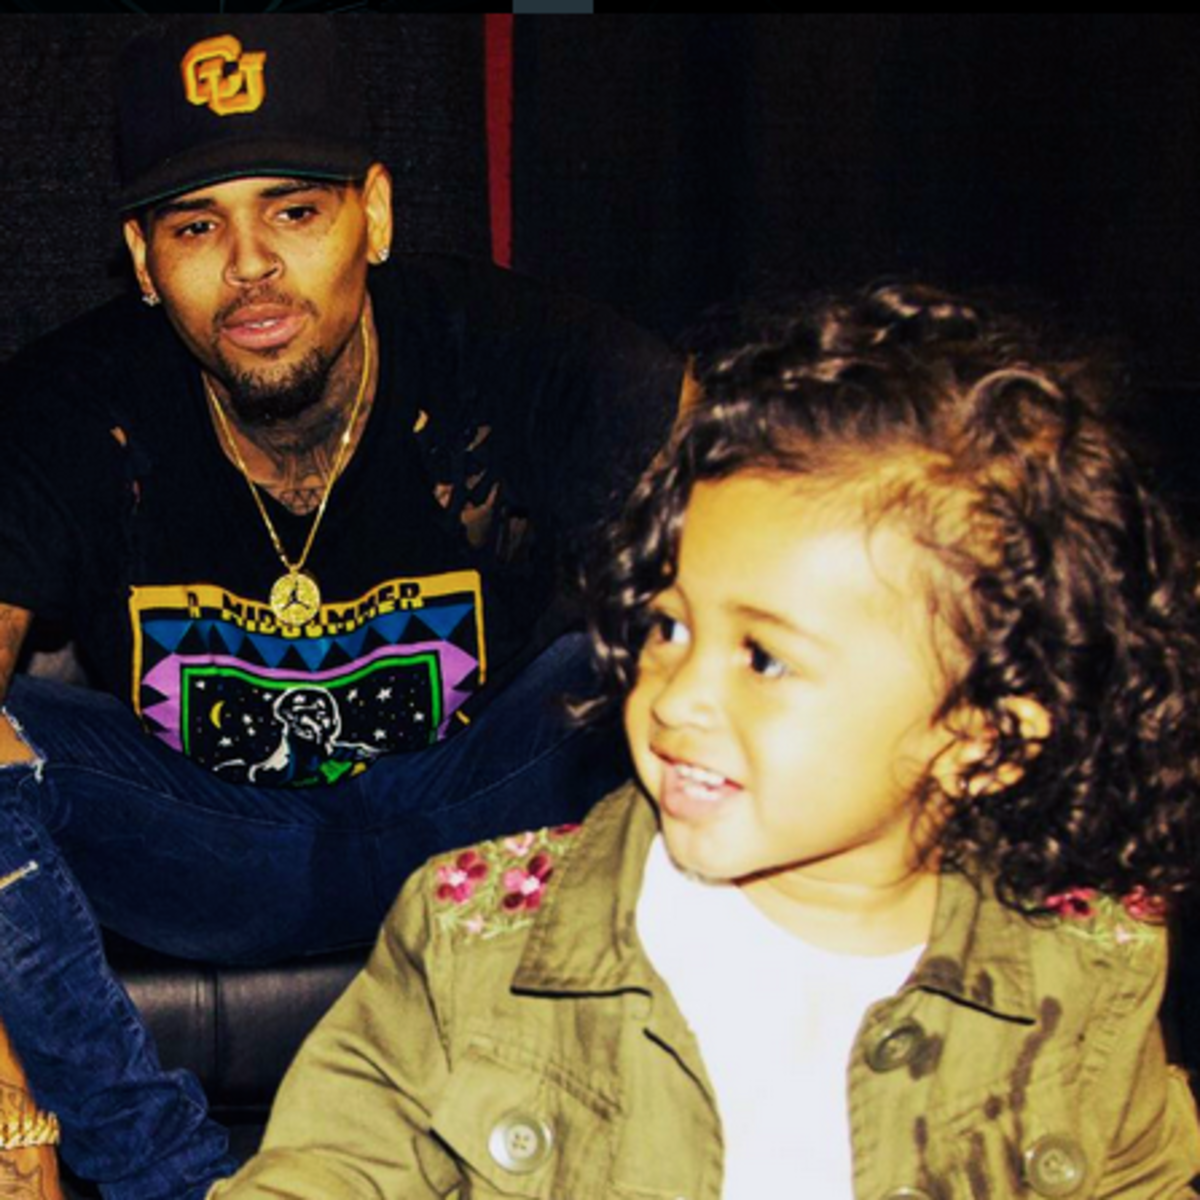 Houston, Rapper Chris Brown, September 2015, Royalty Reisling